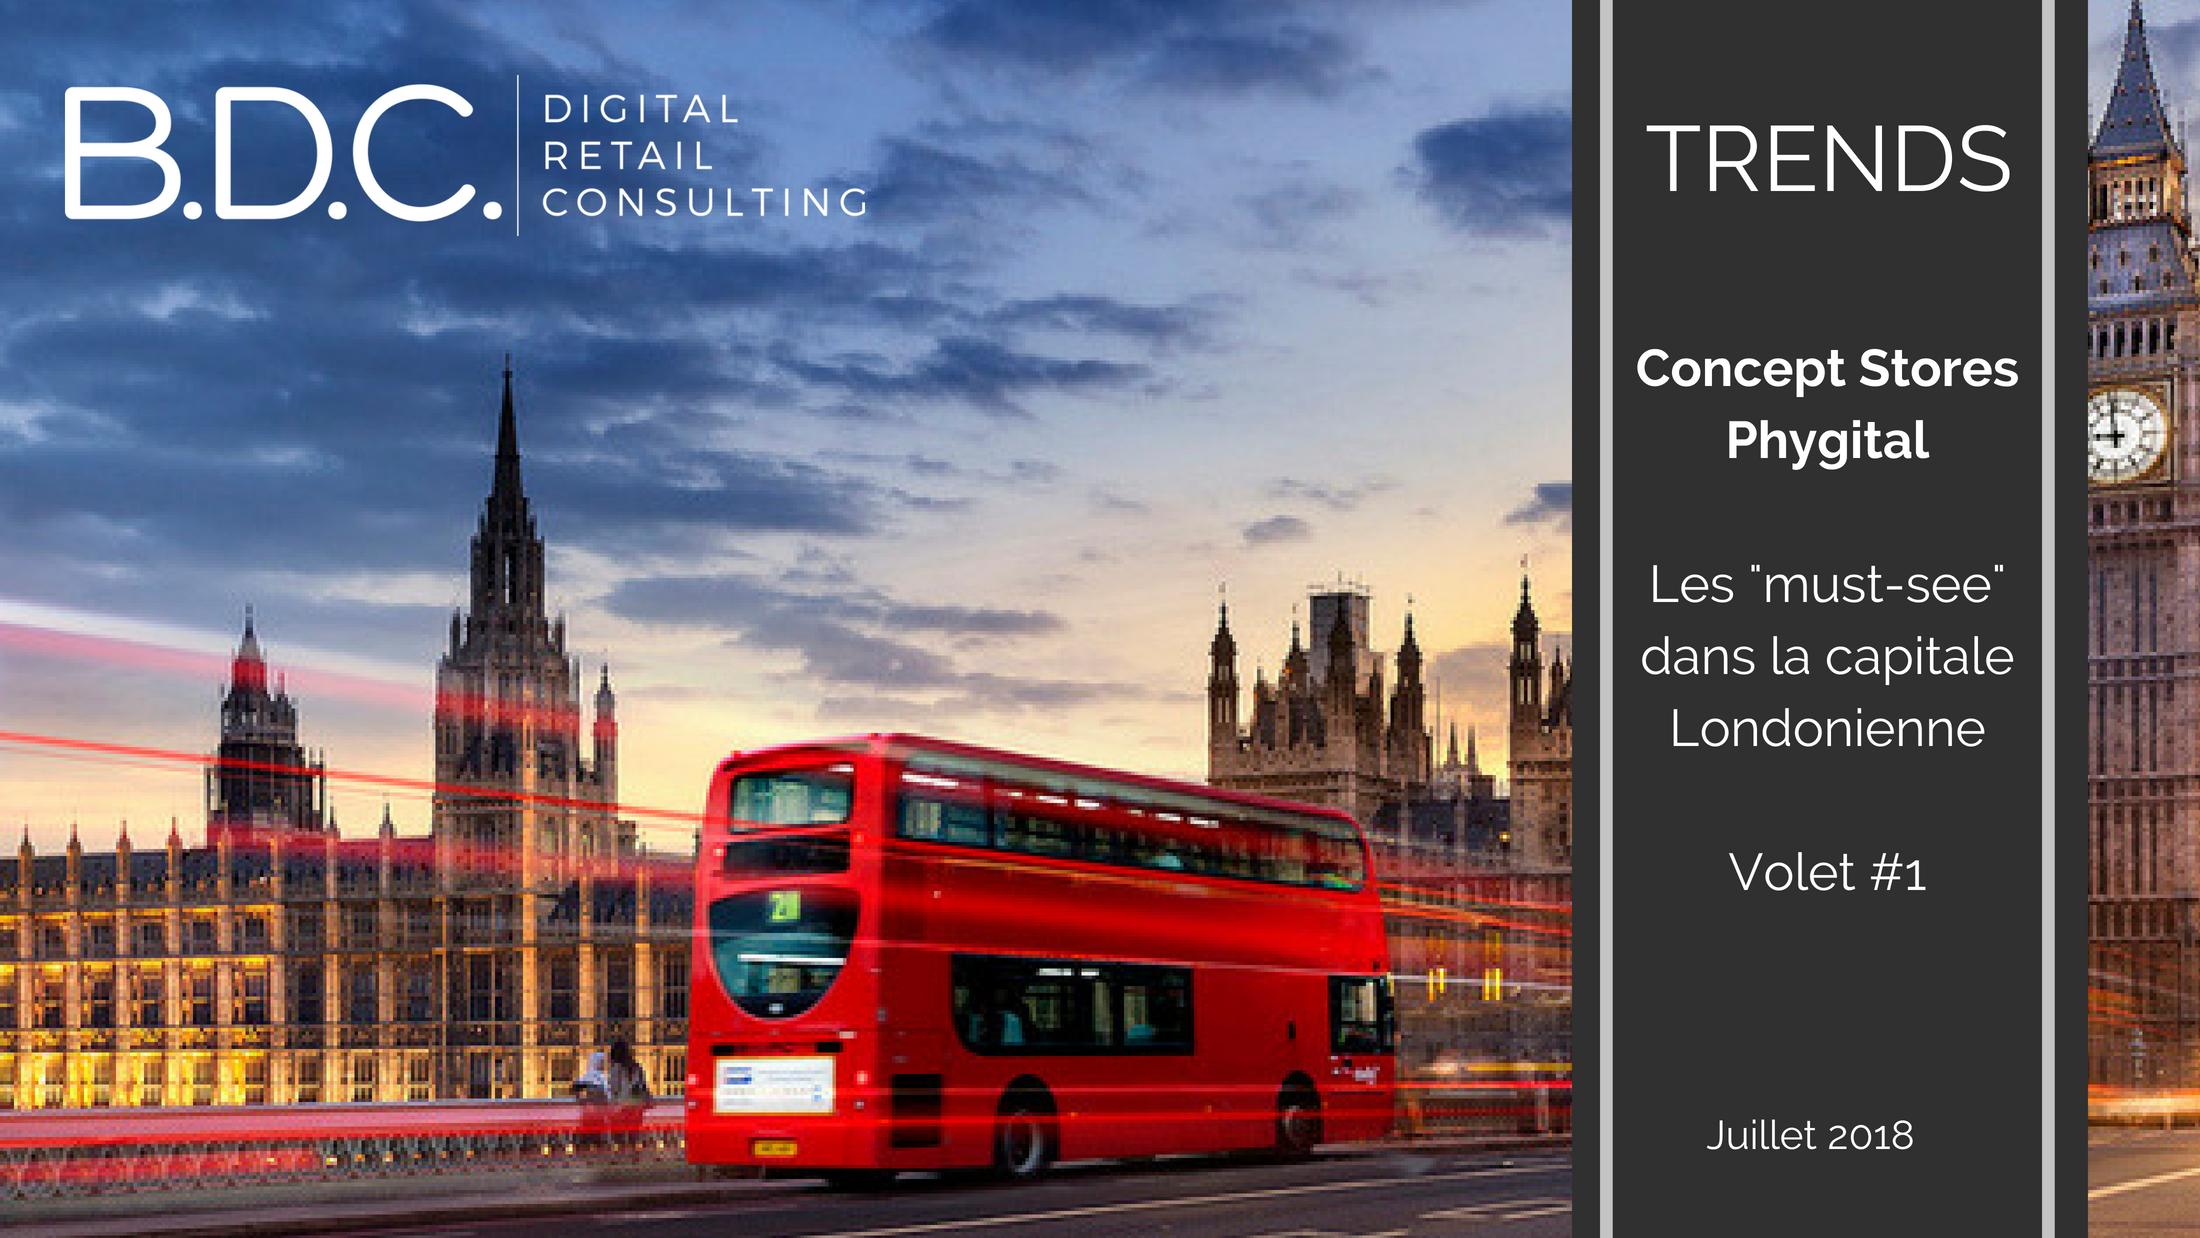 """Trends News 3 - Concept stores : les """"must-see"""" à Londres pour un retailer"""